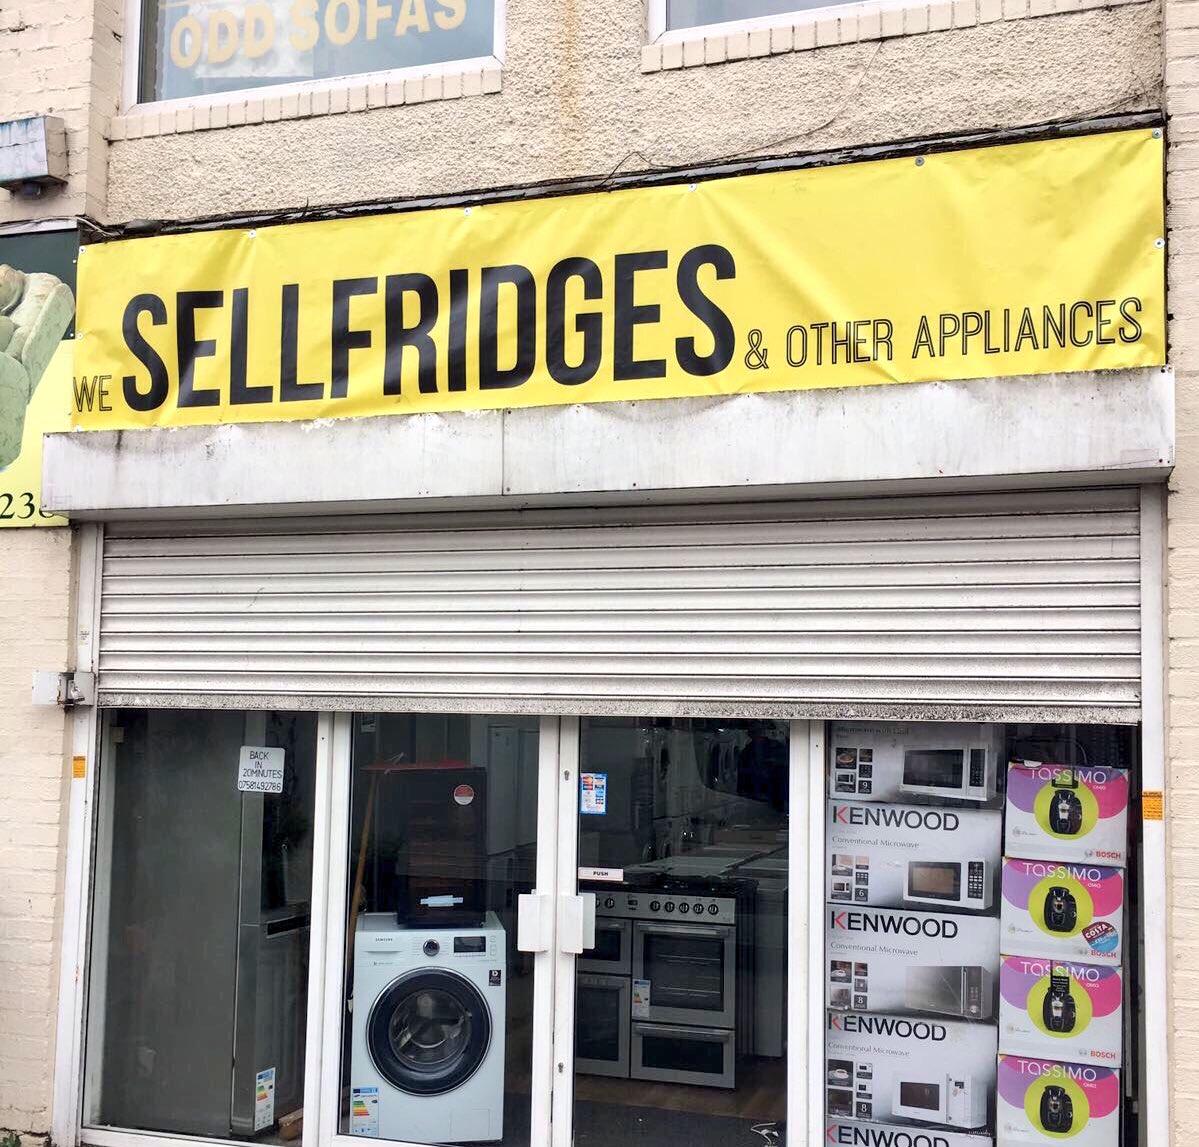 RT @simonsugar: Fridge shop in Birmingham https://t.co/nfrMidcnfg